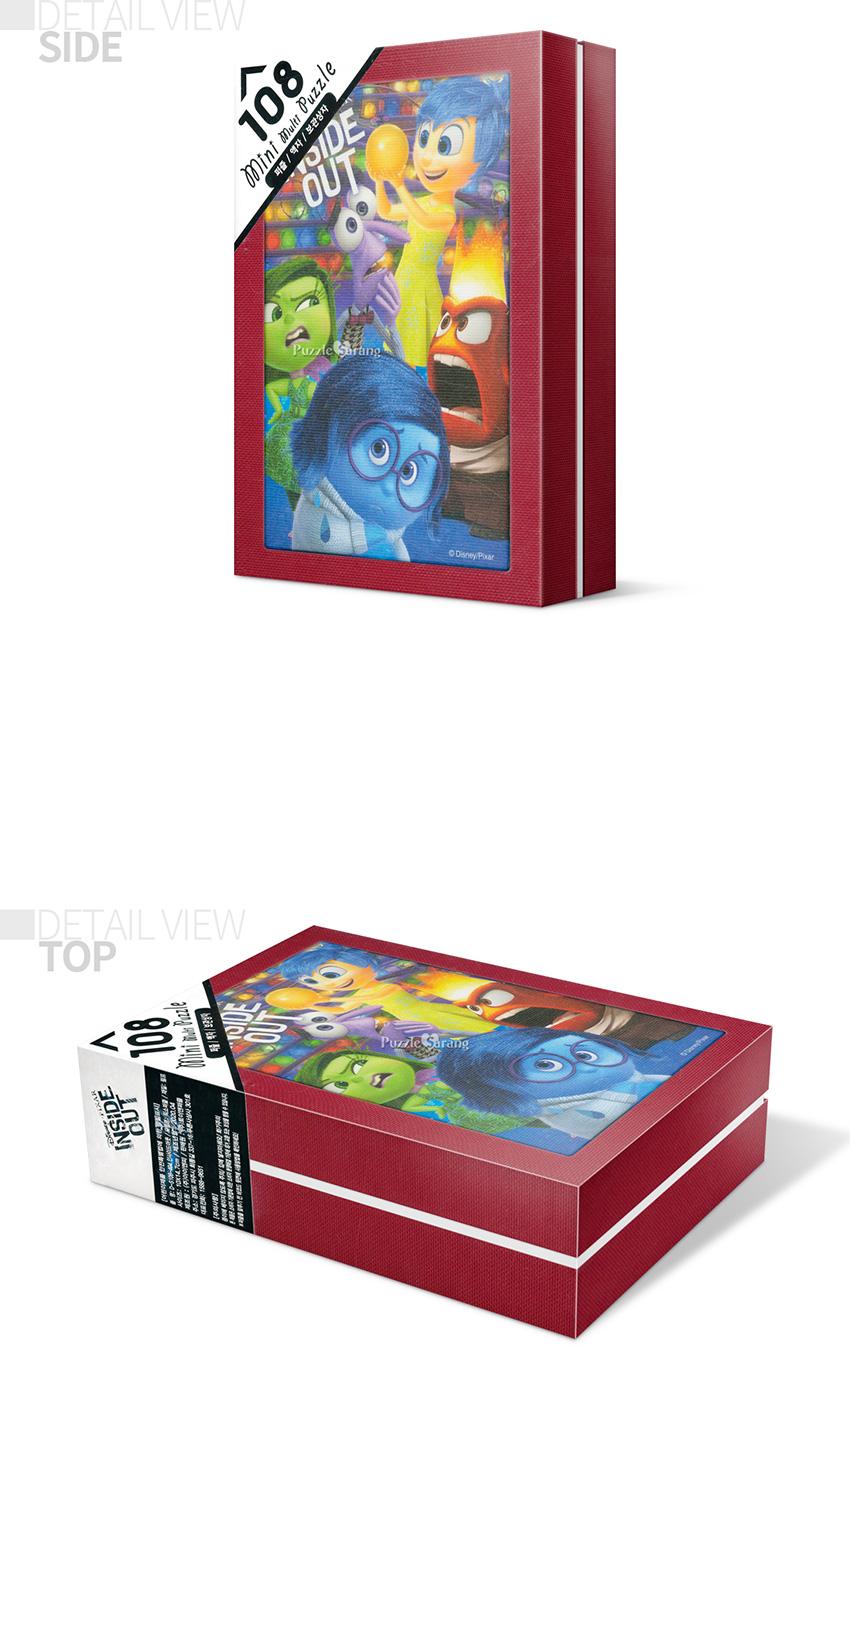 108피스 직소퍼즐 - 인사이드아웃 (미니)(케이스액자) - 주식회사 퍼즐사랑, 8,000원, 조각/퍼즐, 풍경 직소퍼즐